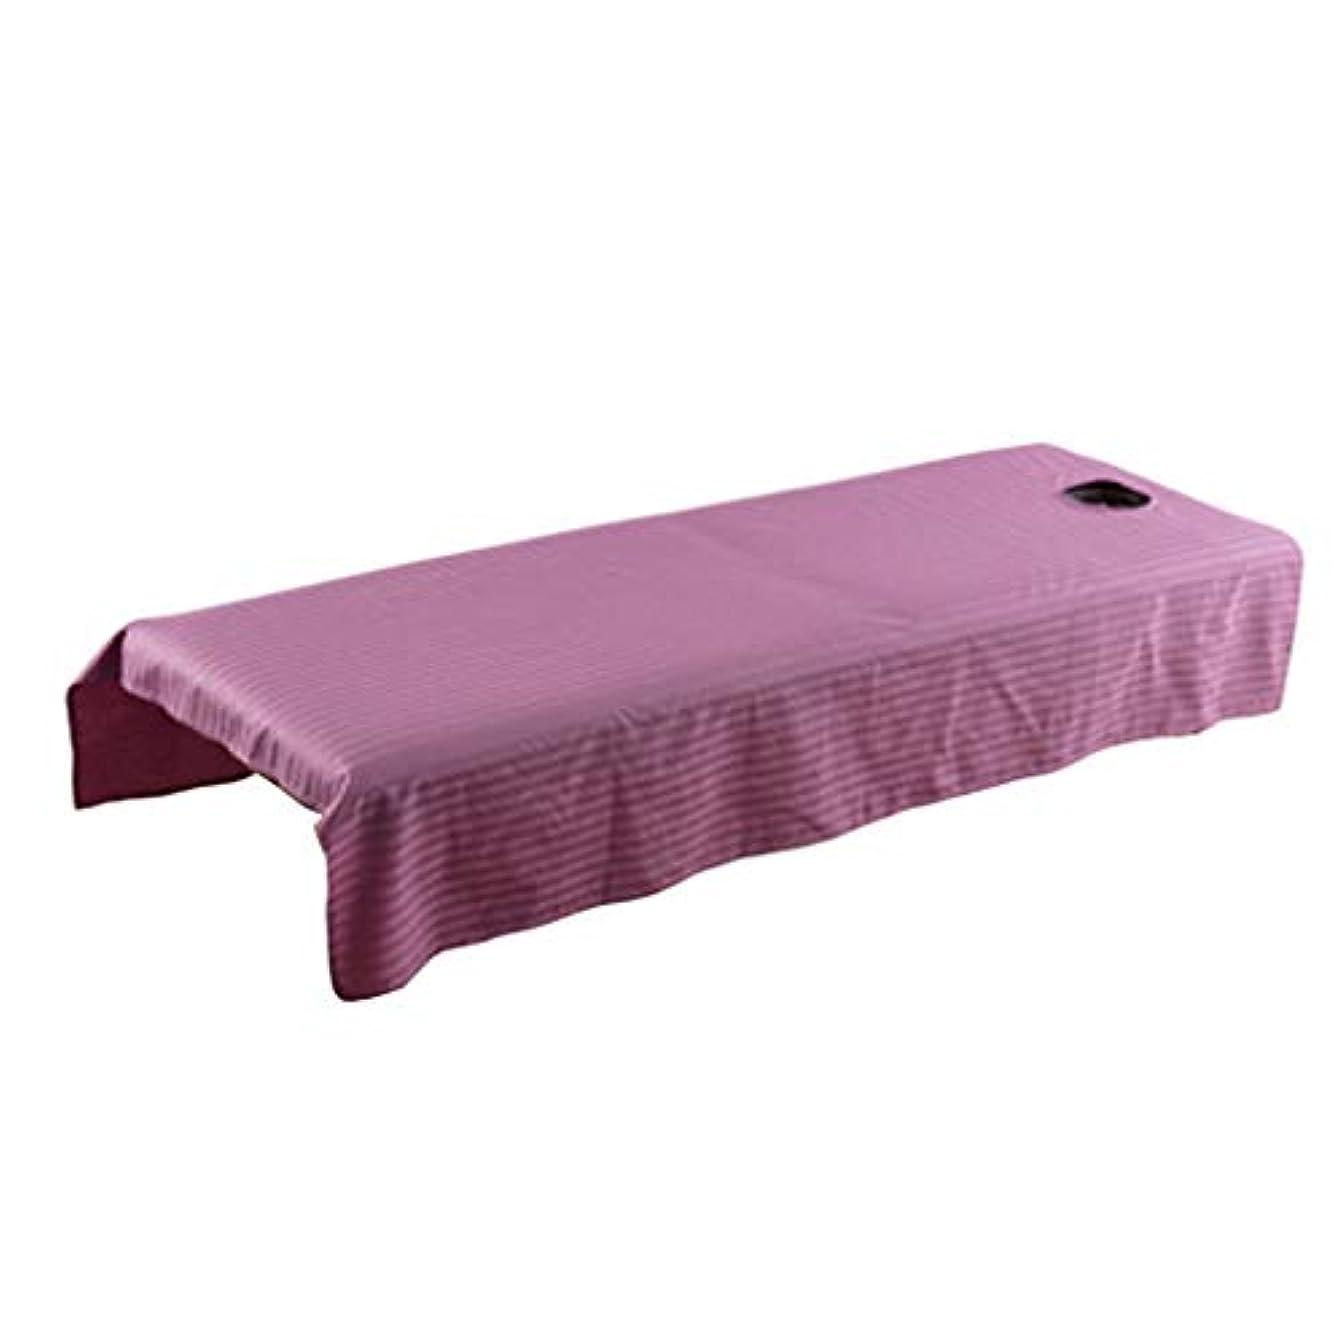 薄暗いきつく改修するマッサージベッドカバー 有孔 スパベッドカバー マッサージテーブル シート 全5カラー - 紫の